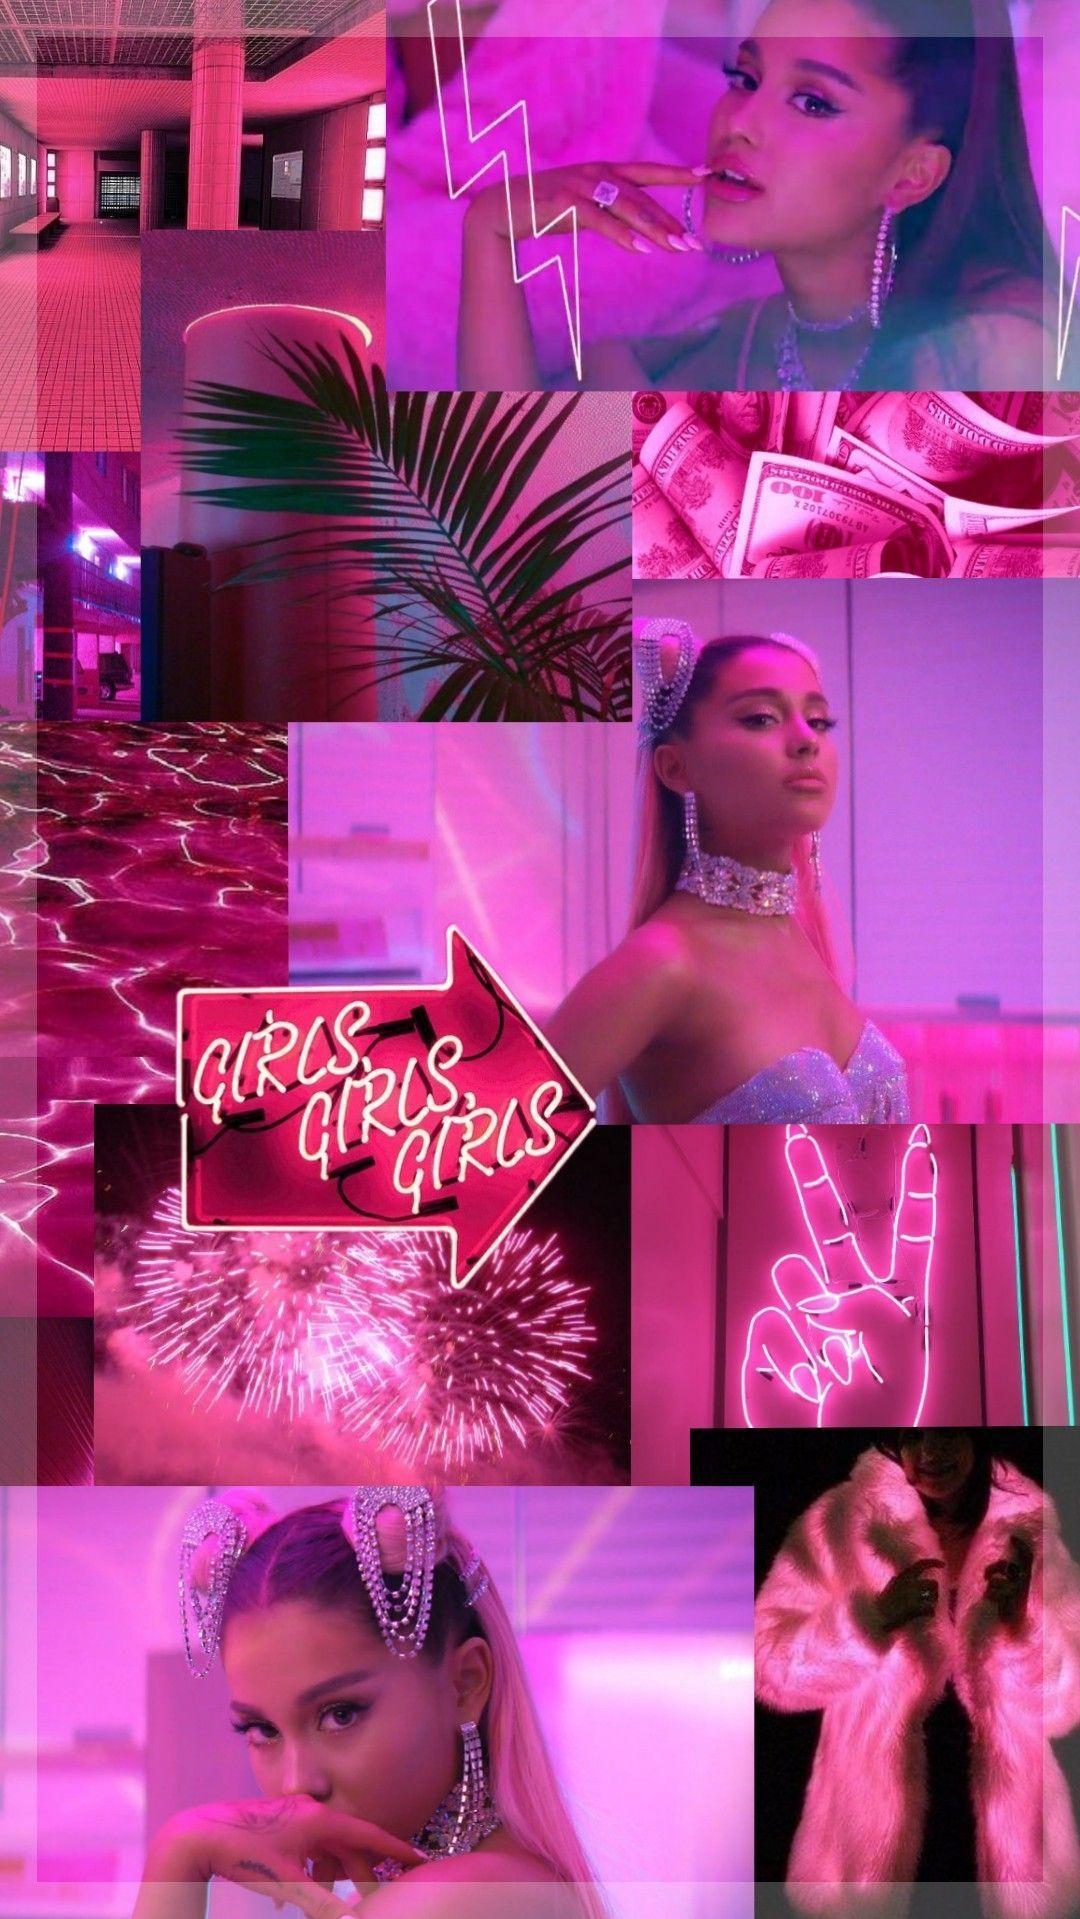 Ariana Grande 7 Rings Wallpapers Top Free Ariana Grande 7 Rings